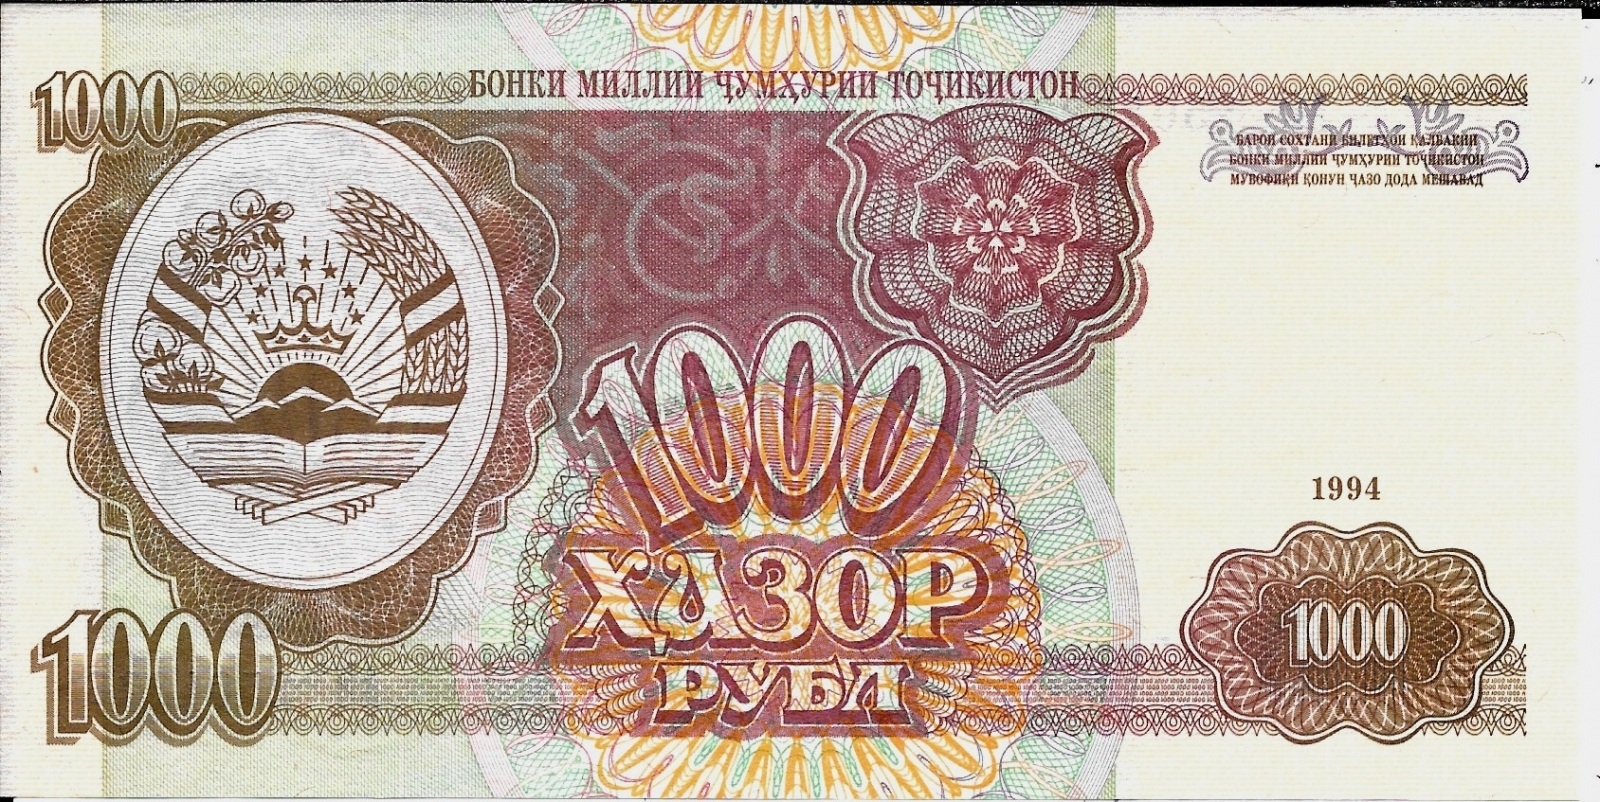 определенного интеграла тысяч рублей на таджикистан этом русле развивает